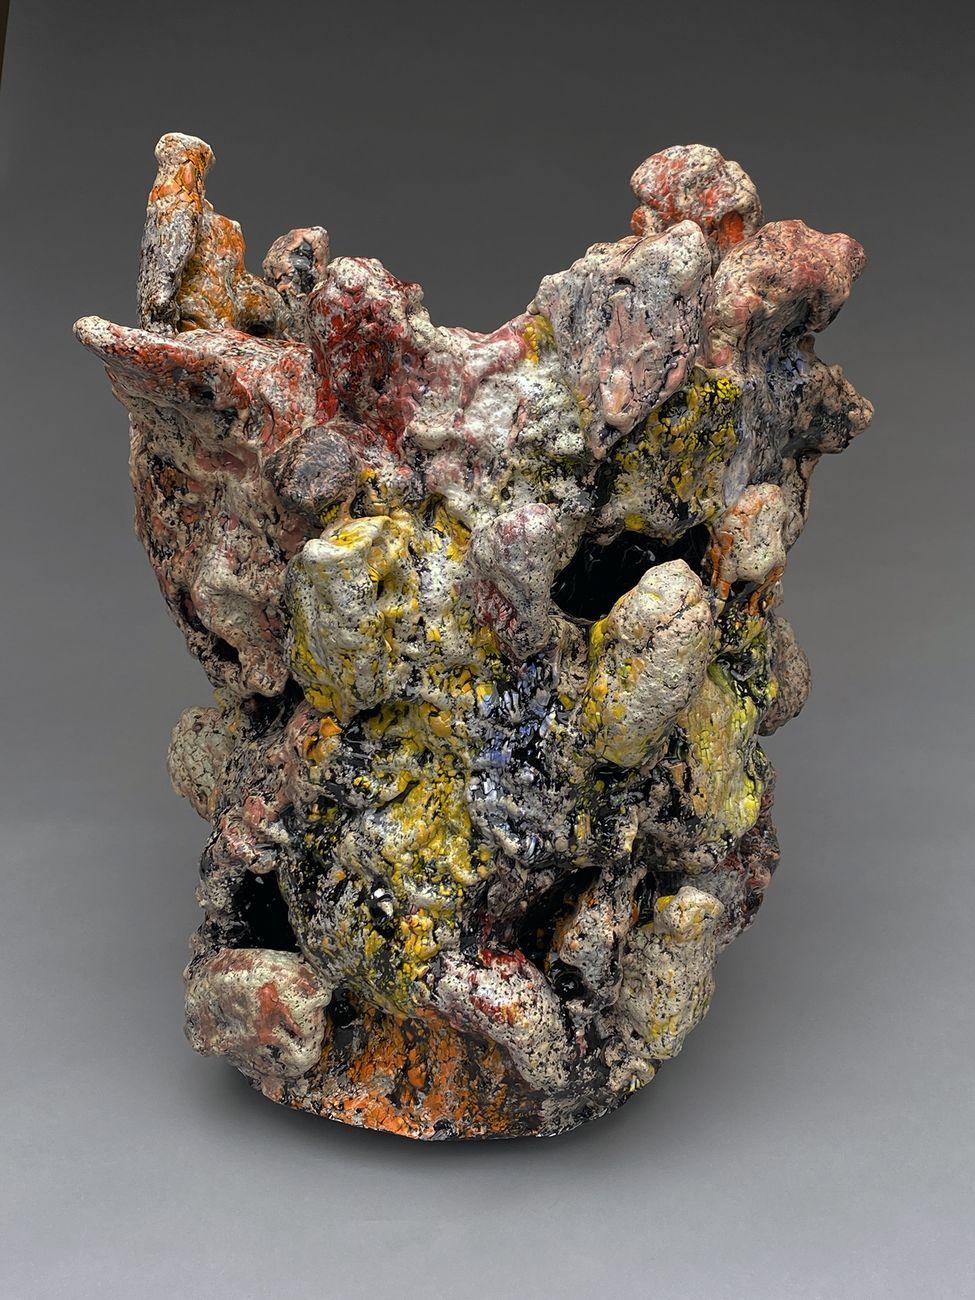 Tony Marsh, Neo Crucible, 2021, multifired clay & glaze materials